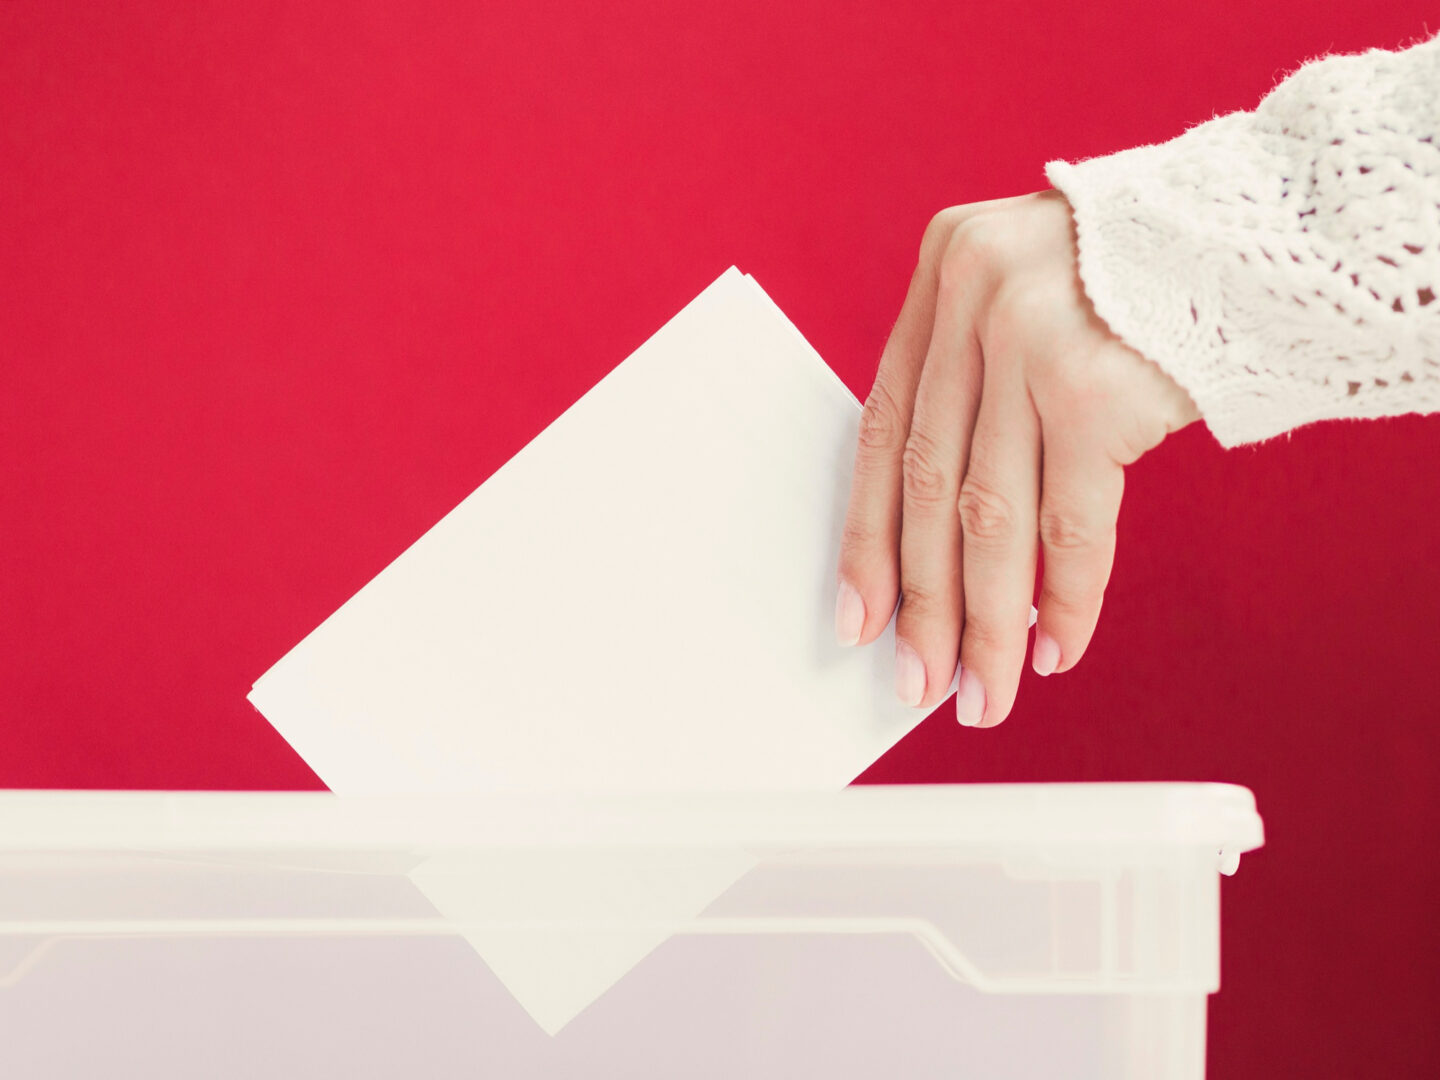 Referendum ogólnokrajowe w Polsce na przykładzie urny do głosowania